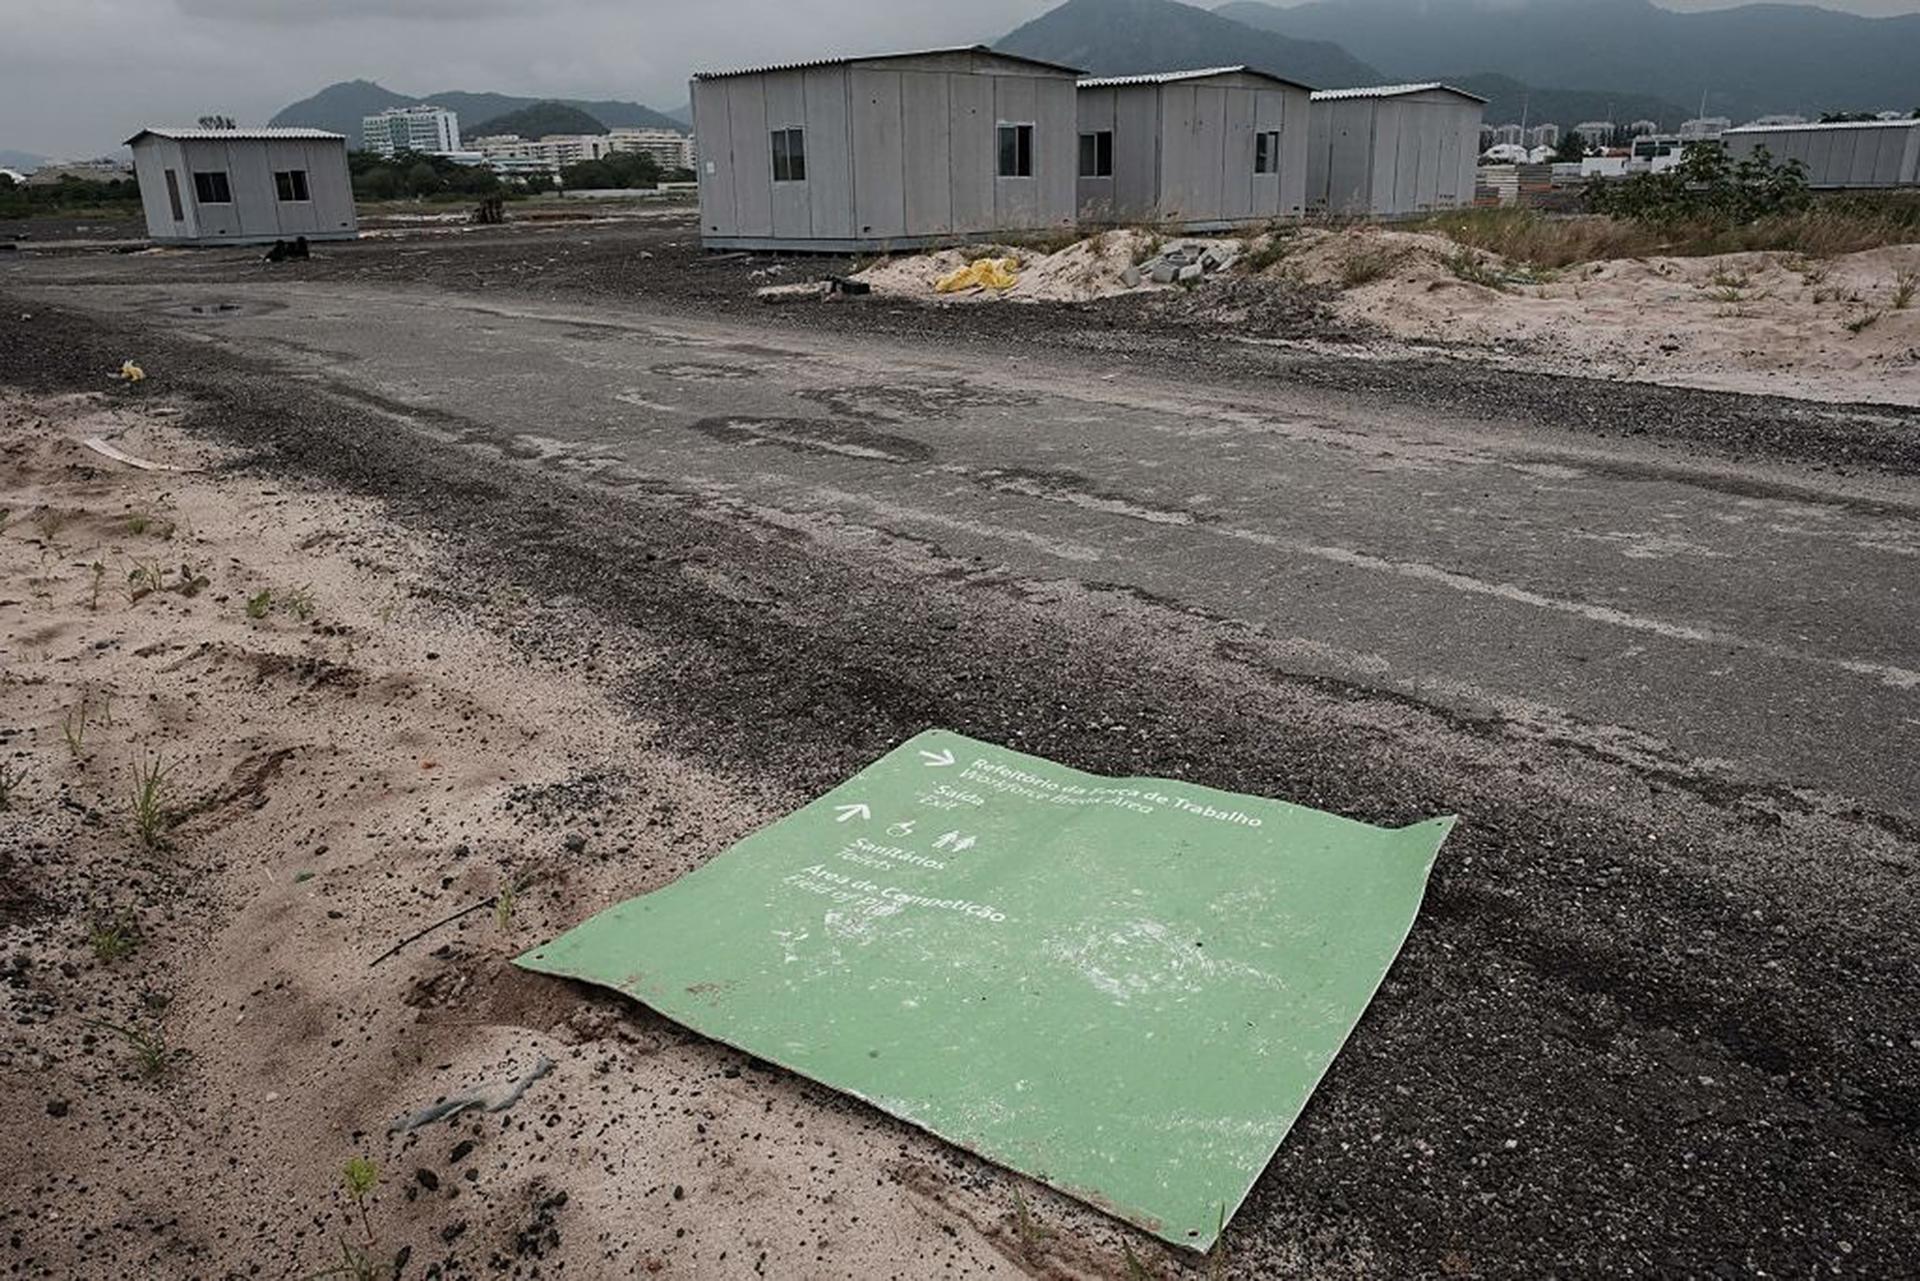 Las casas prefabricadas en los alrededores del campo de golf están abandonadas (AFP)